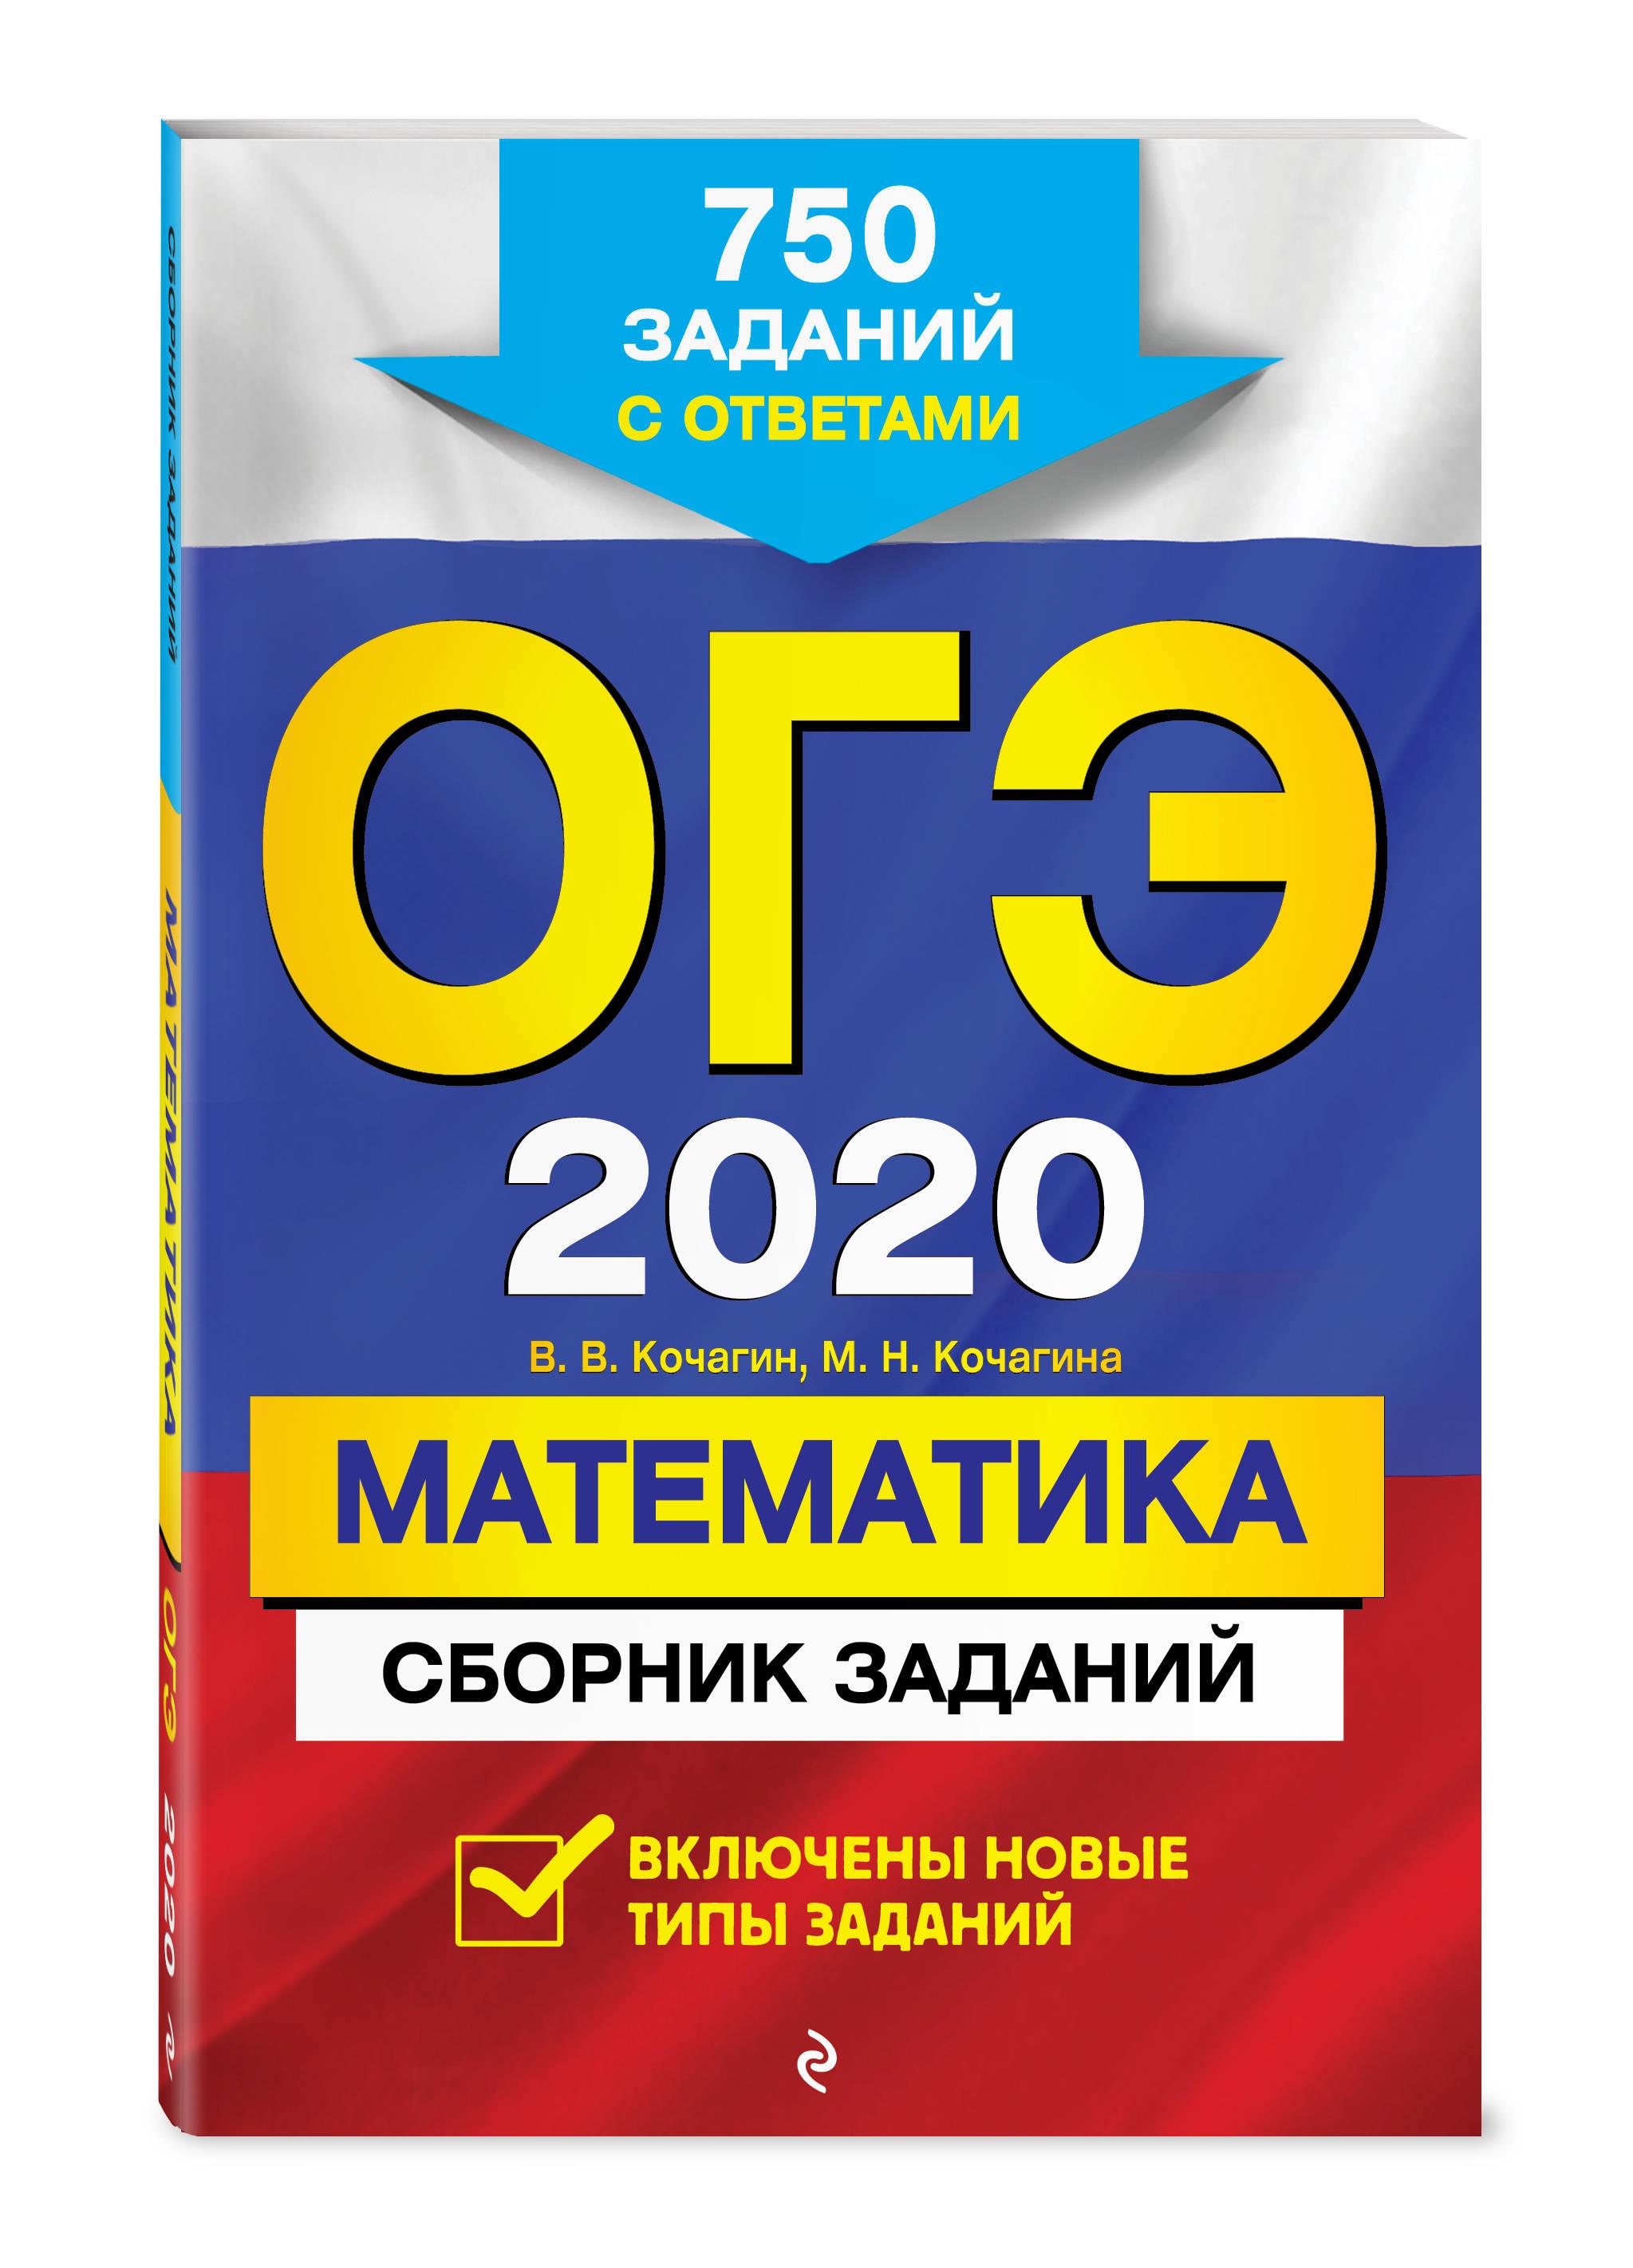 ОГЭ-2020. Математика. Сборник заданий: 750 заданий с ответами. В. В. Кочагин, М. Н. Кочагина